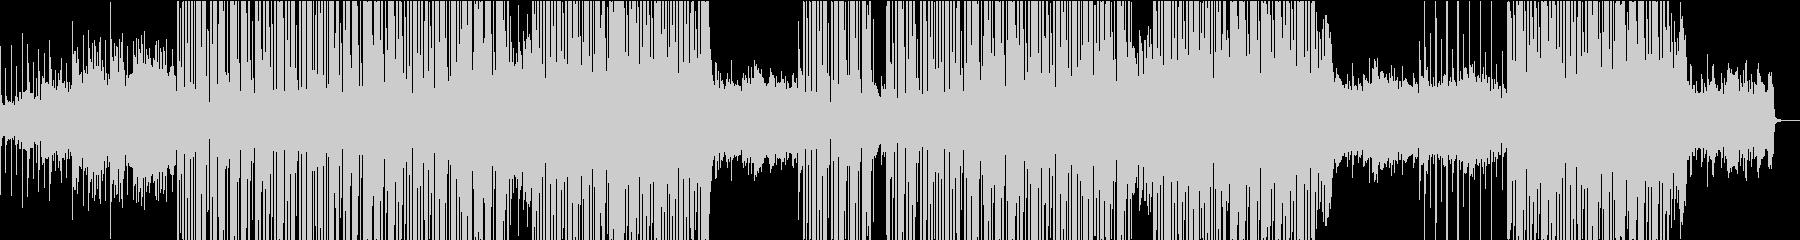 切なさと力強さがあるピアノヒップホップの未再生の波形